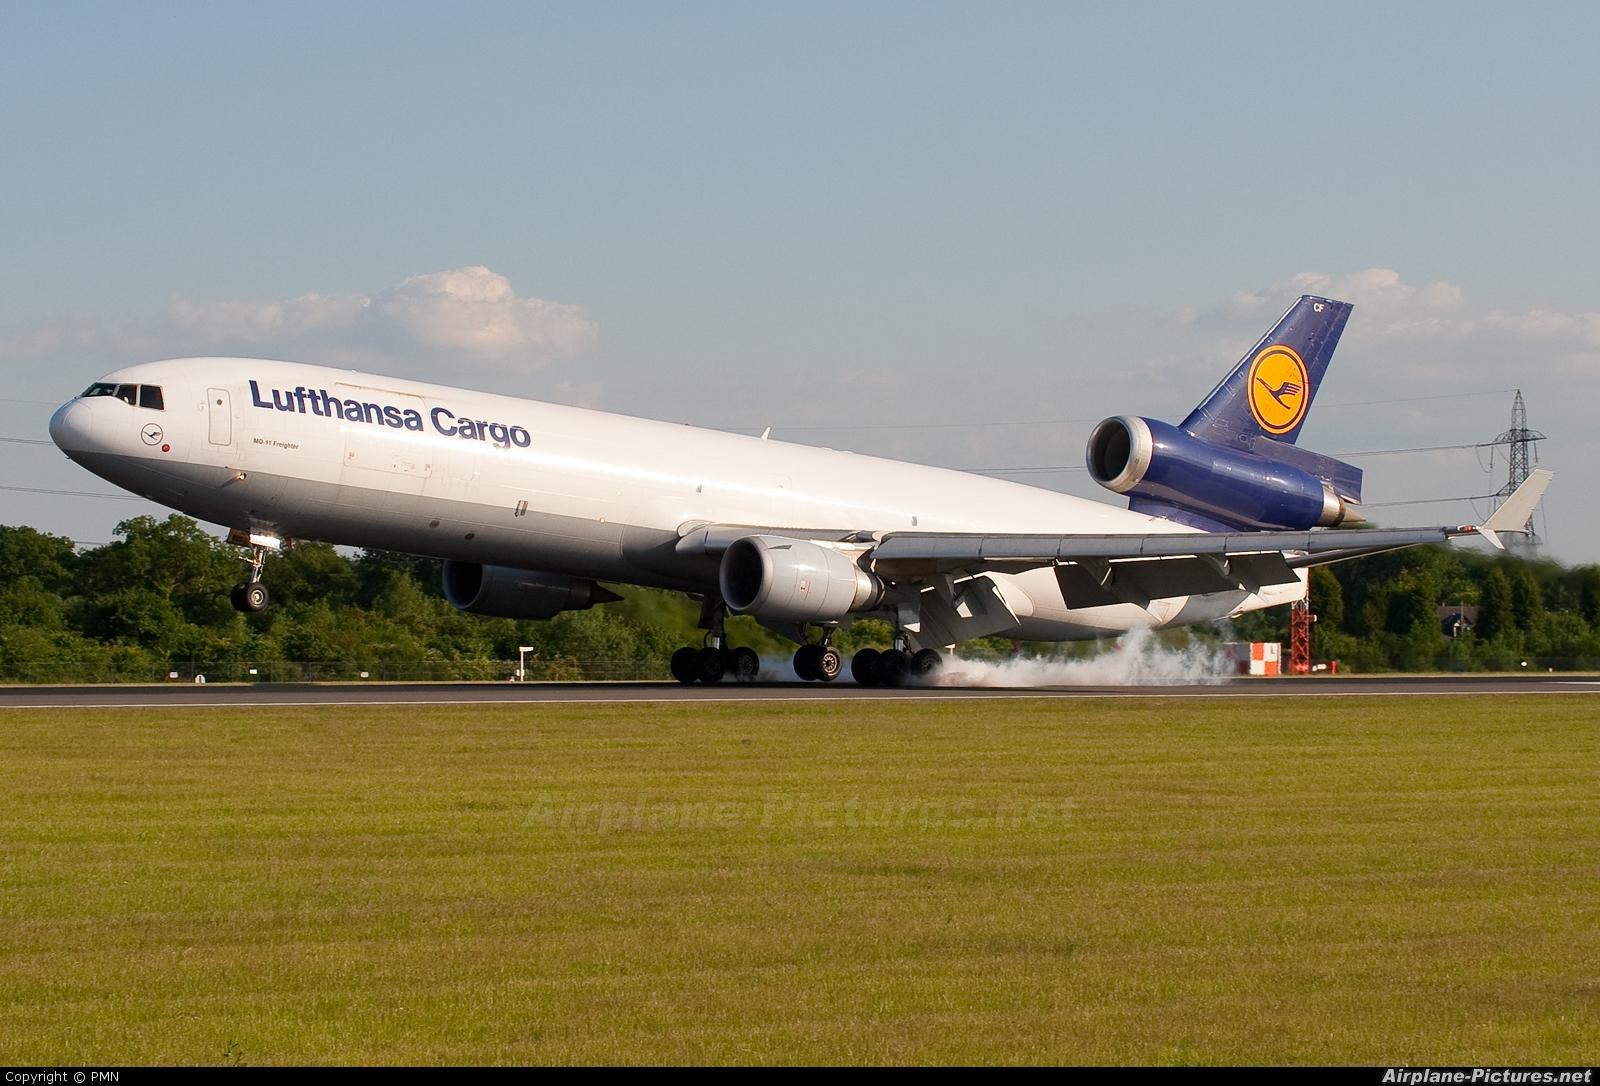 Lufthansa Cargo D-ALCF aircraft at Manchester